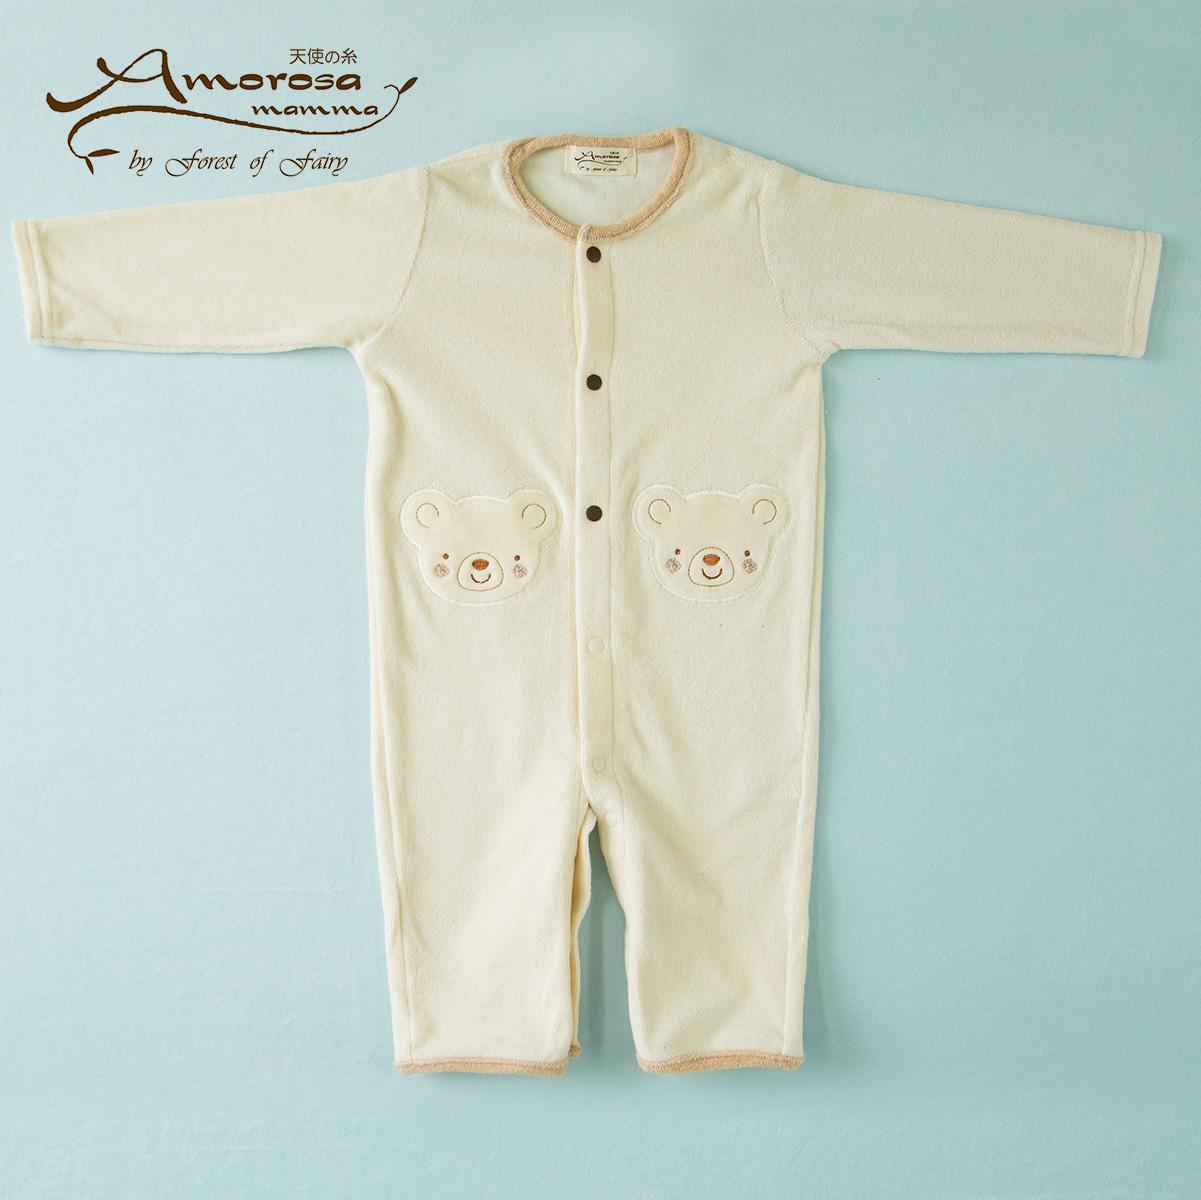 ふたごクマのやわらかパイル兼用ドレス w-YA002 (ベビー服)